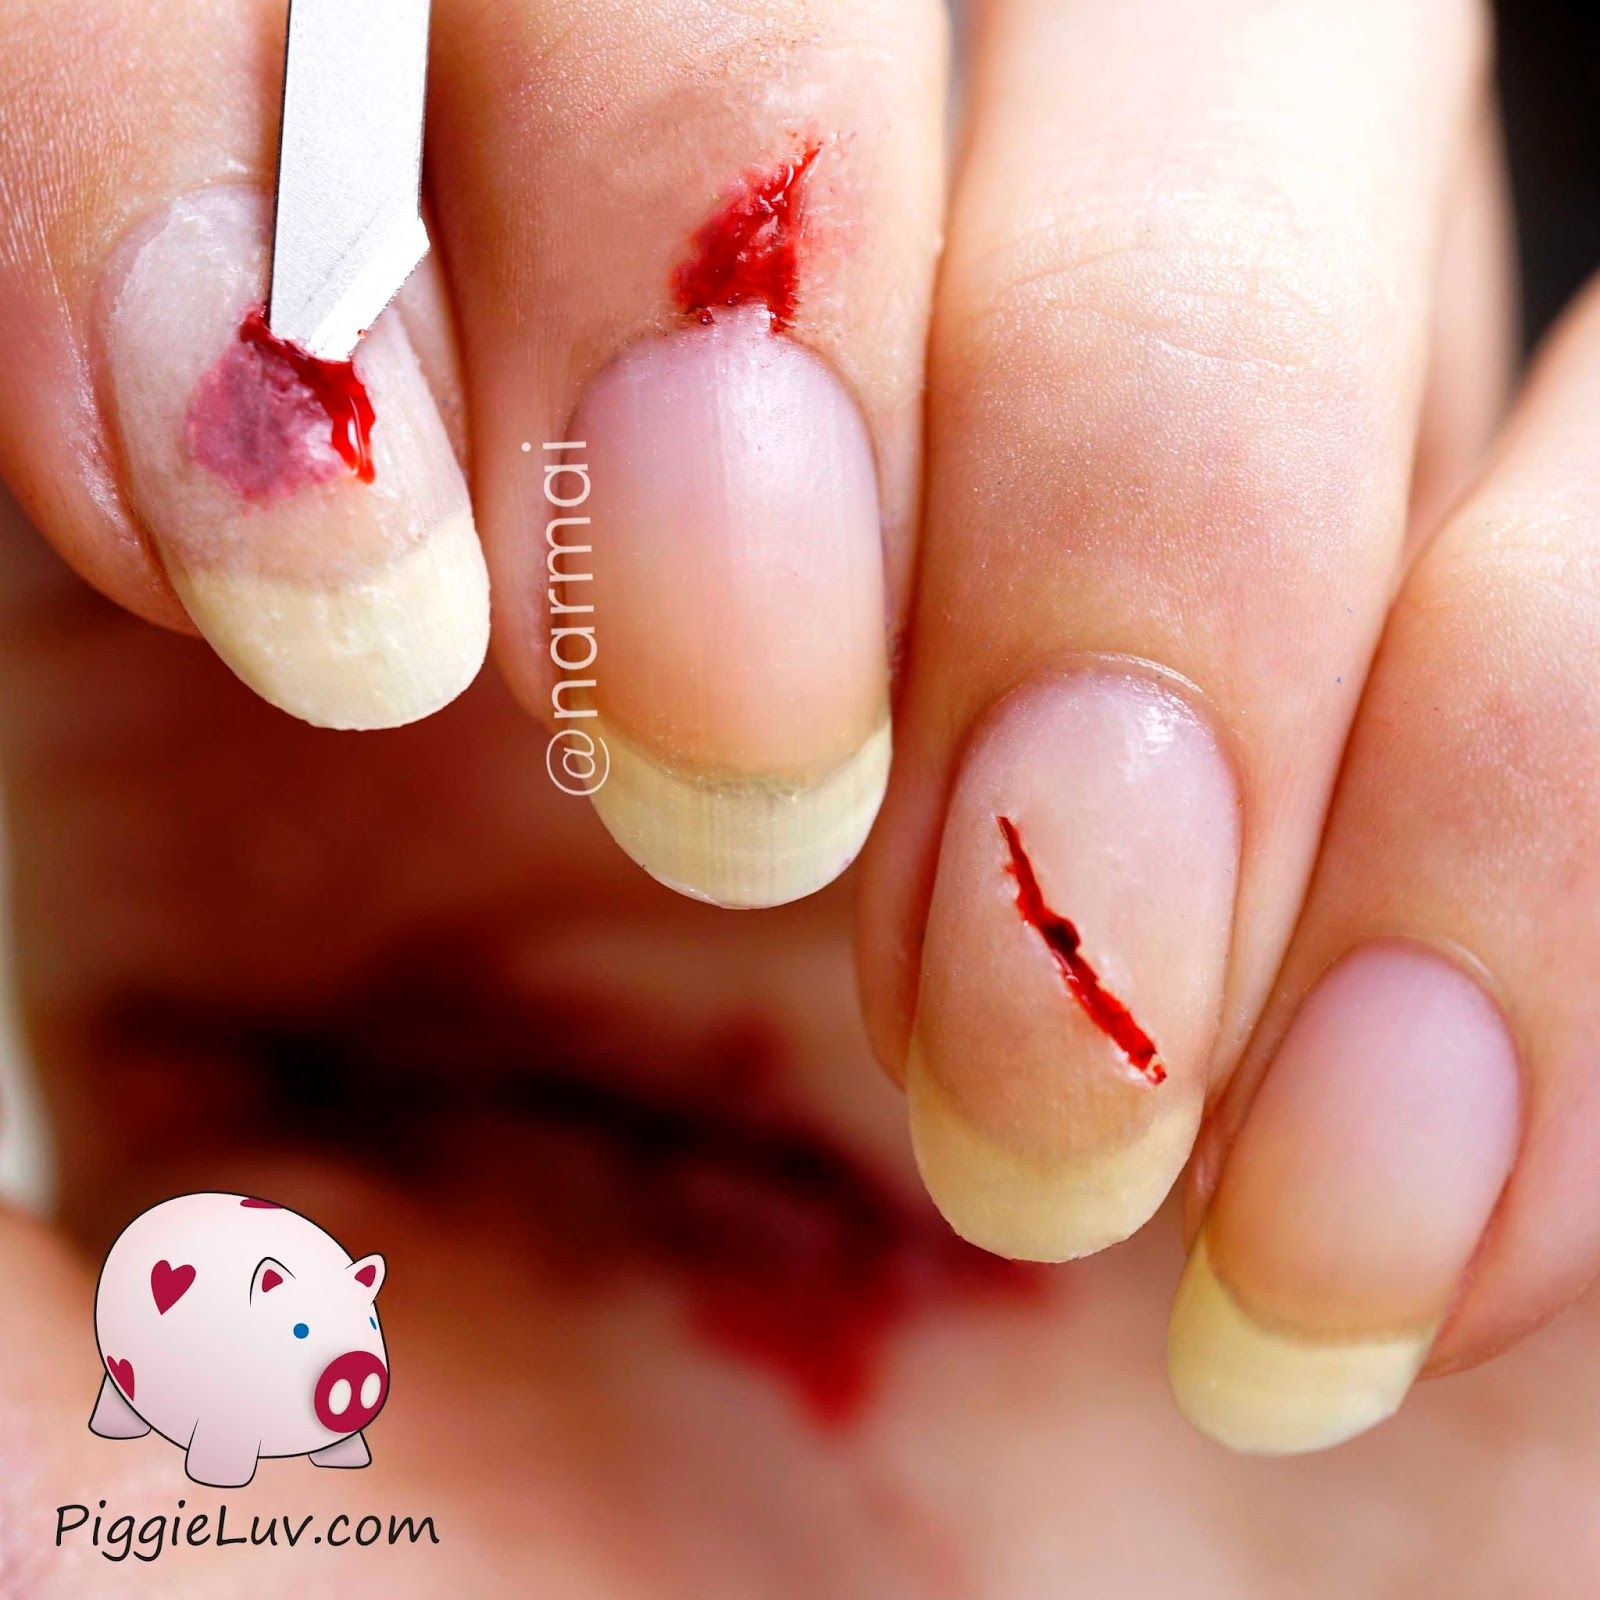 Bloody razor cuts nail art for Halloween | Cut nails, Mani pedi and Pedi